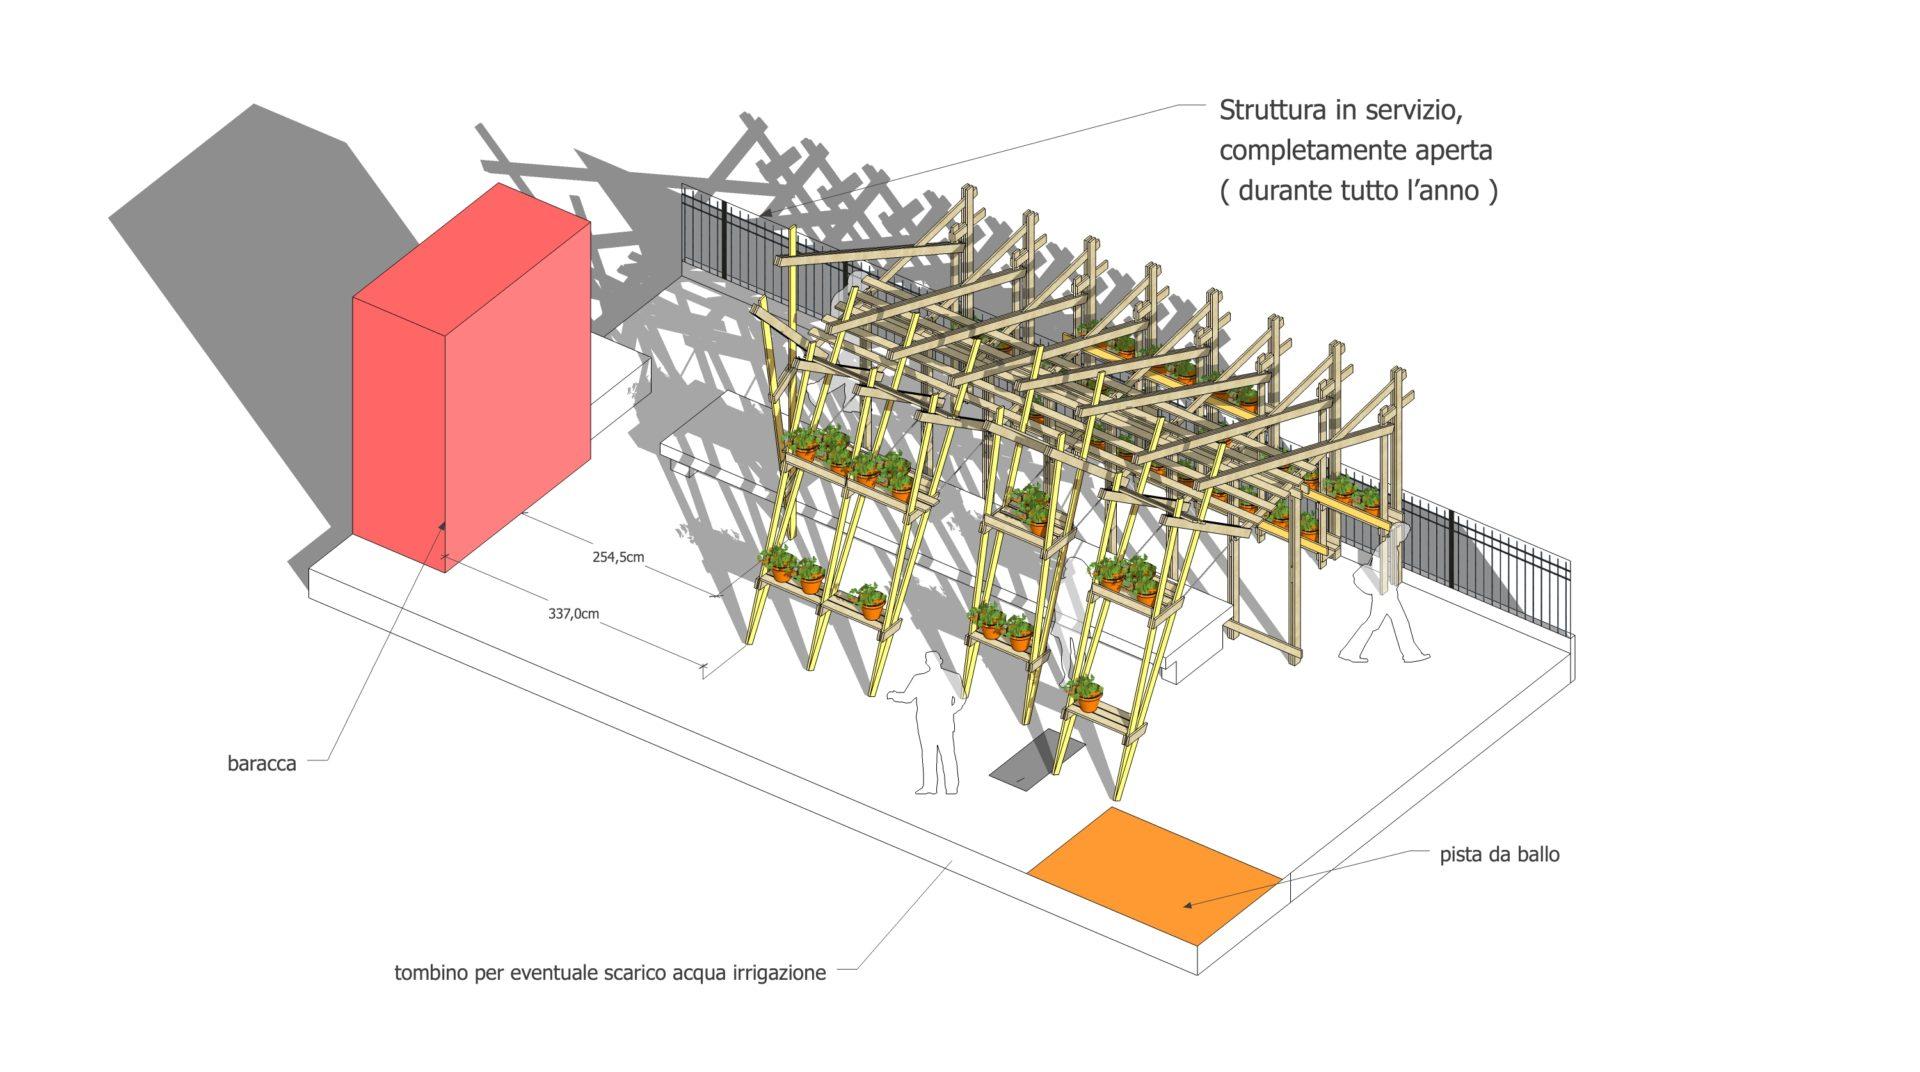 struttura aperta